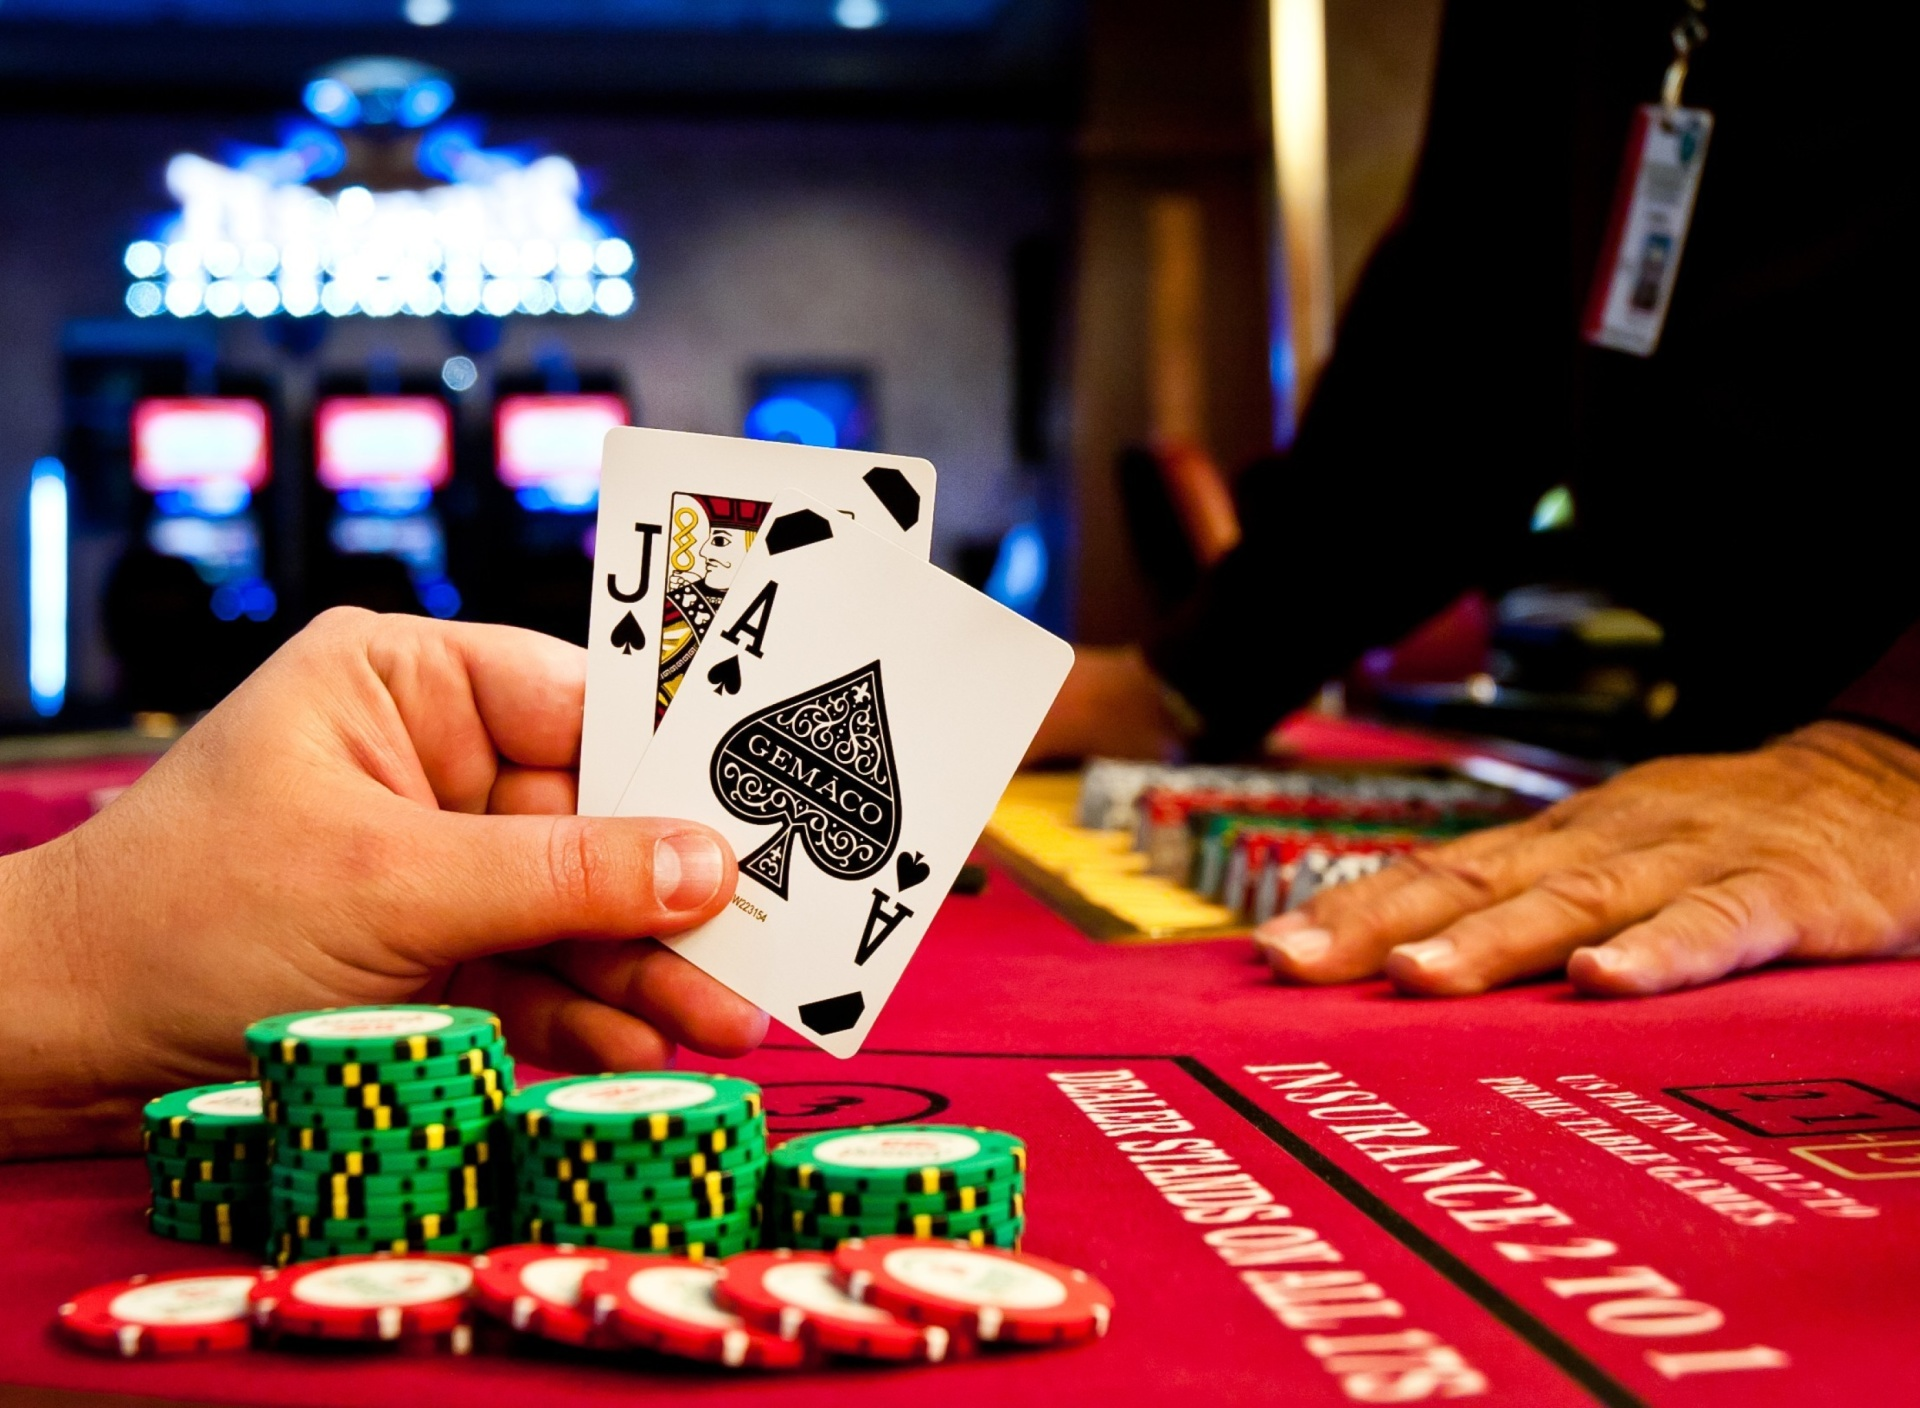 Как играть в интернет-казино без денег?